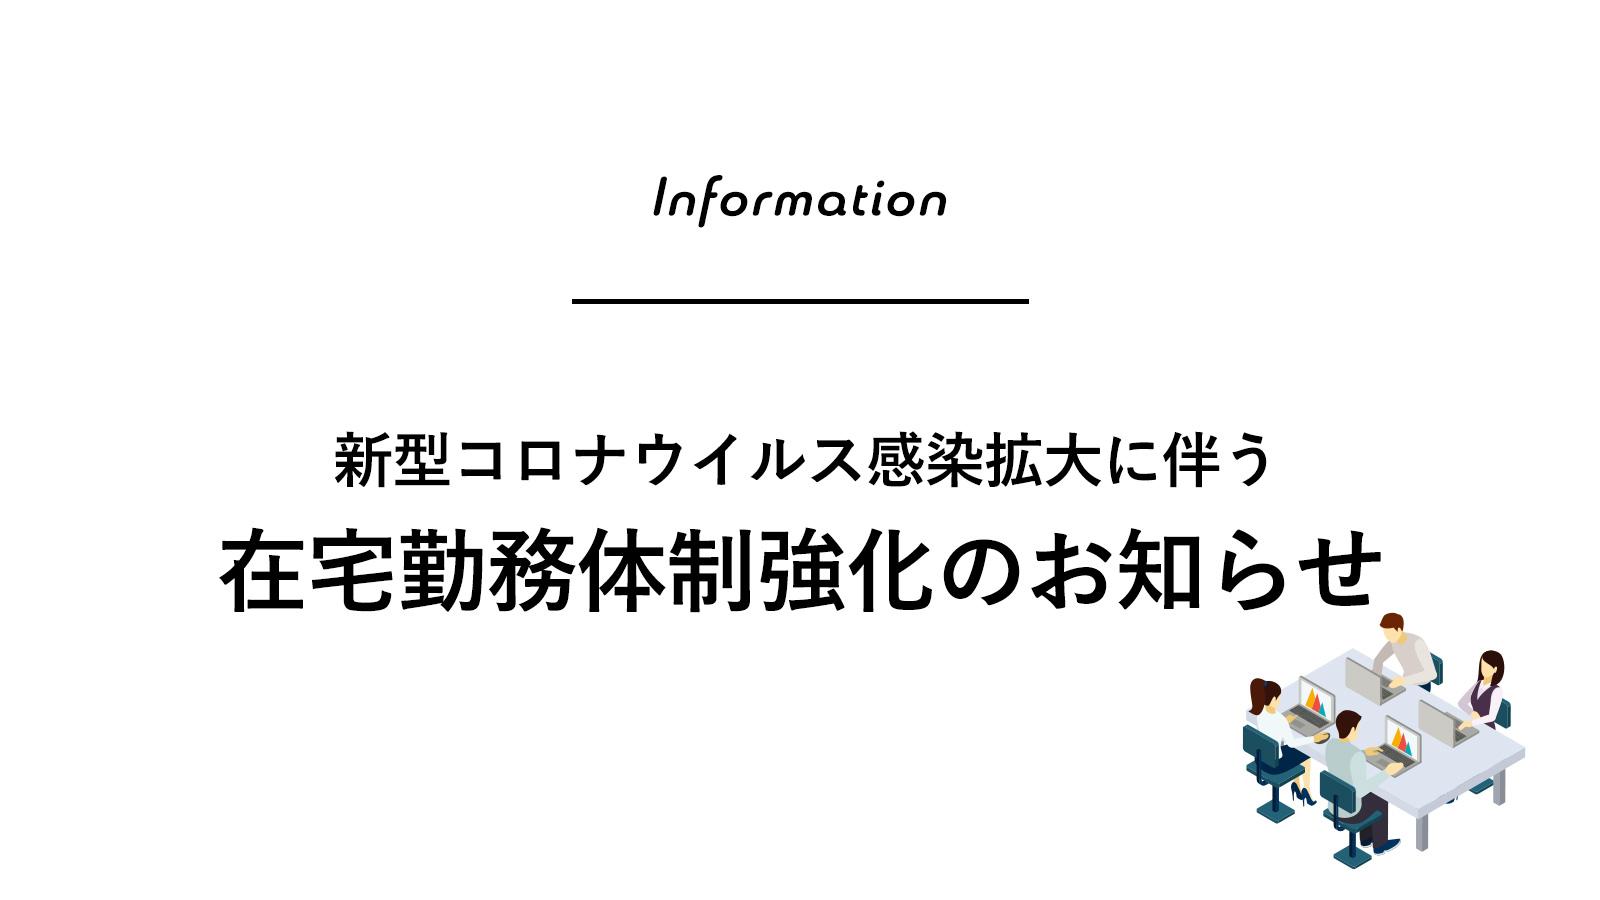 【重要】新型コロナウイルス感染拡大に伴う在宅勤務体制強化のお知らせ